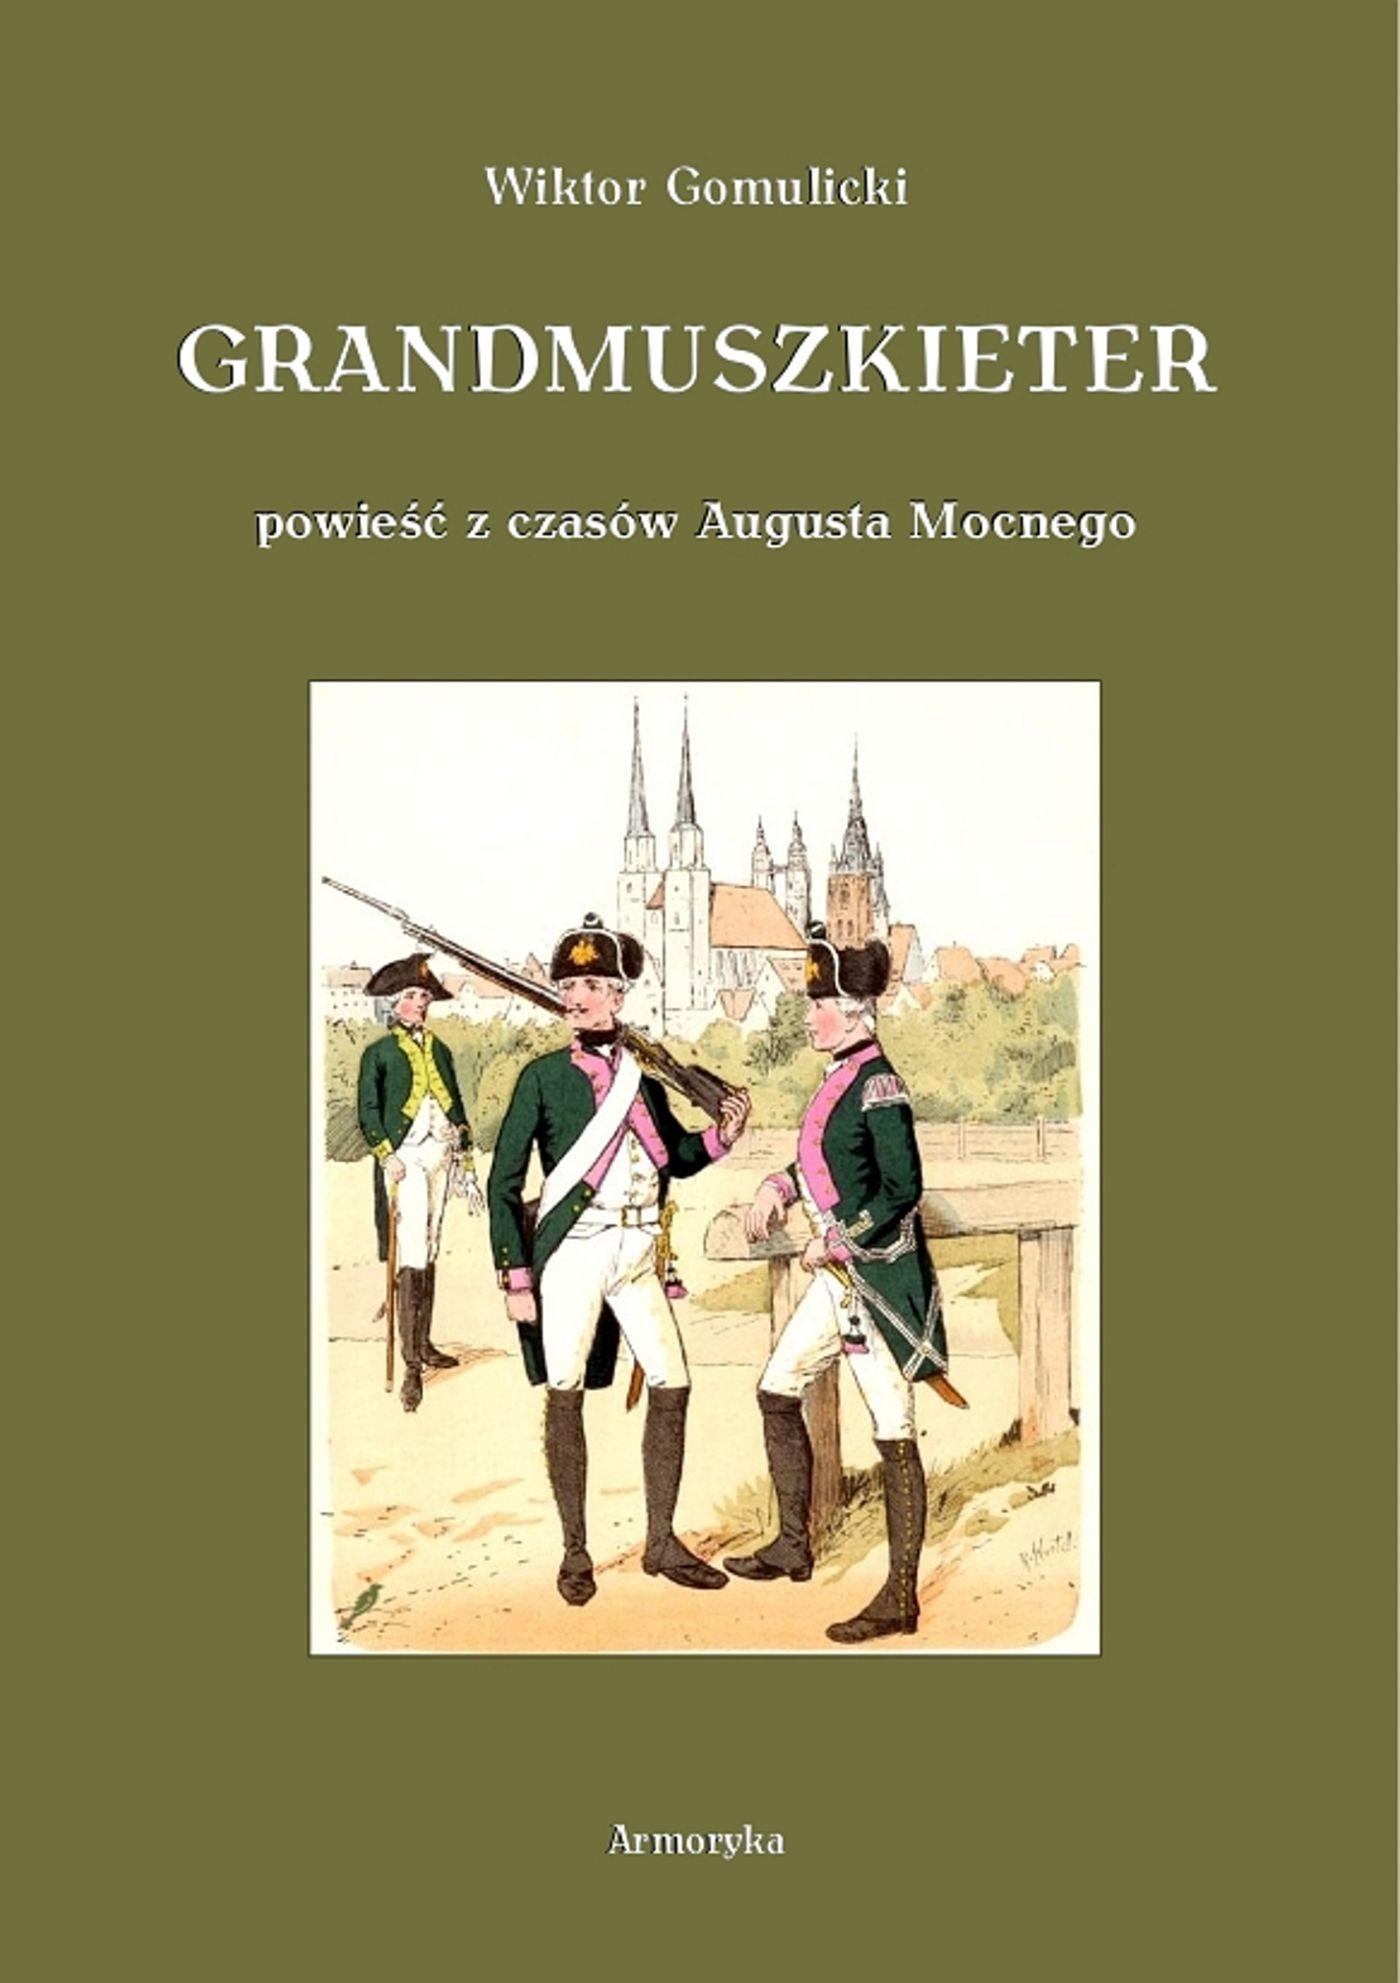 Grandmuszkieter - Ebook (Książka EPUB) do pobrania w formacie EPUB